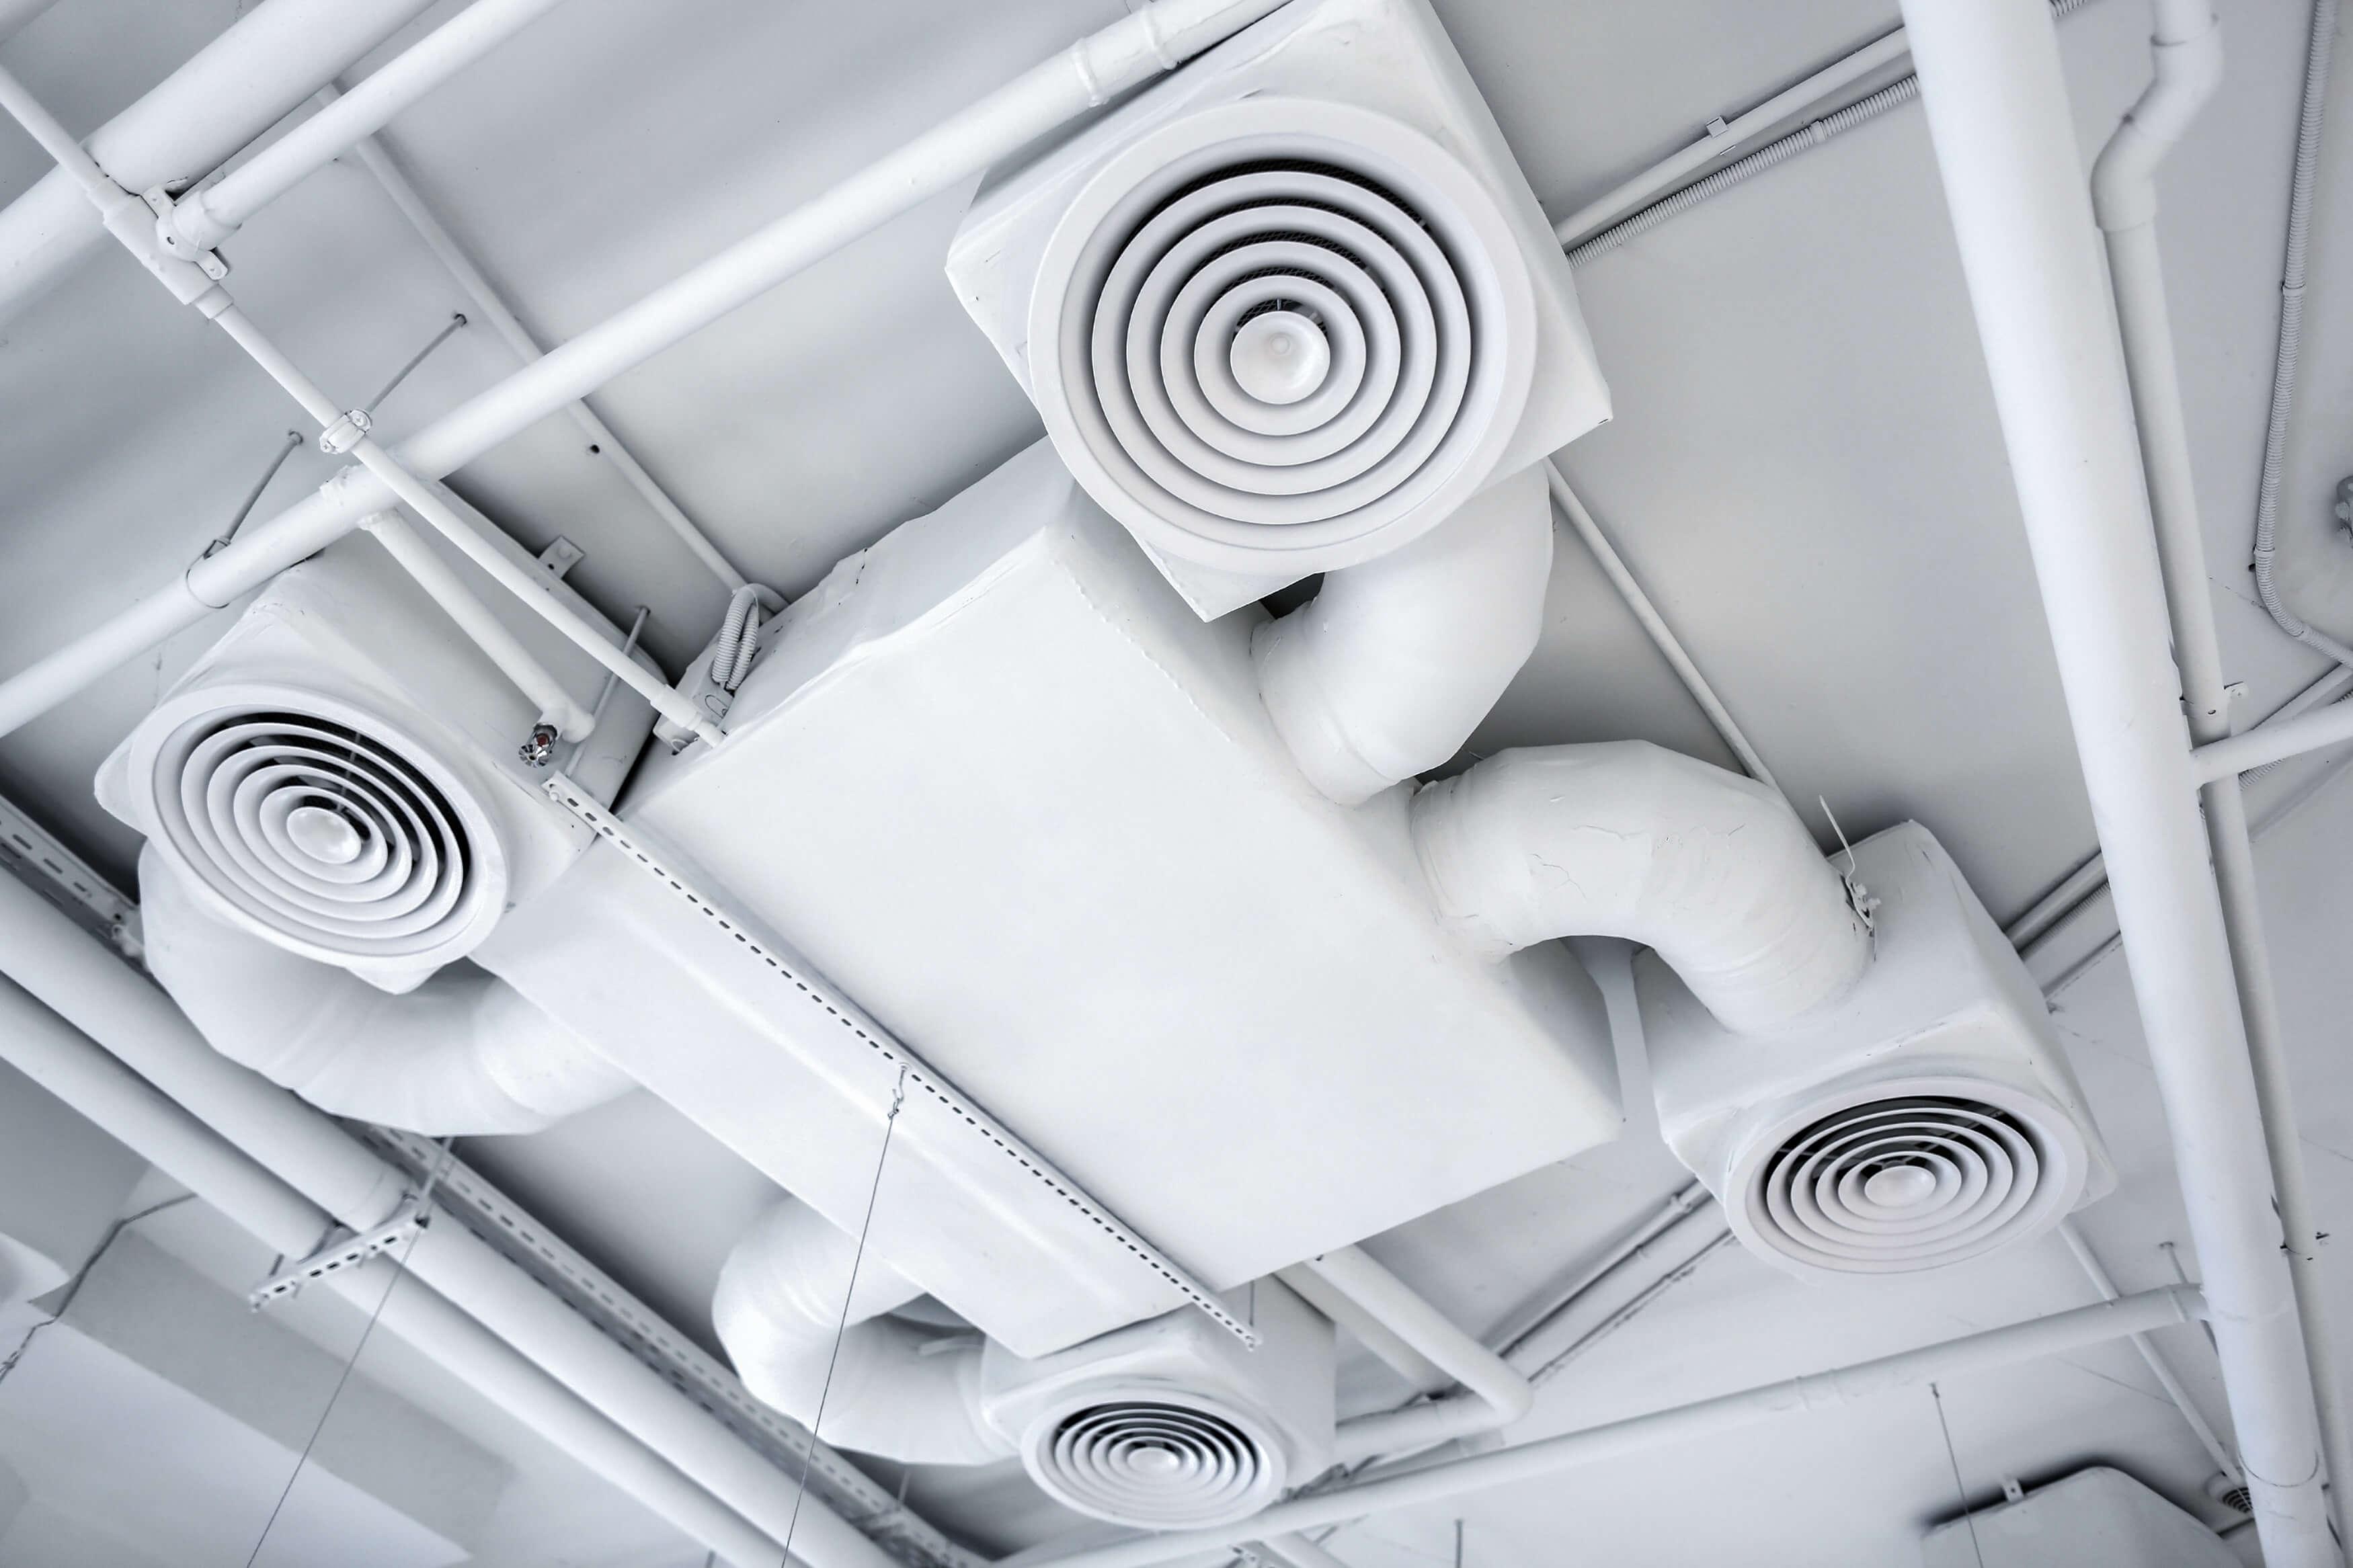 ventilationunit.jpg